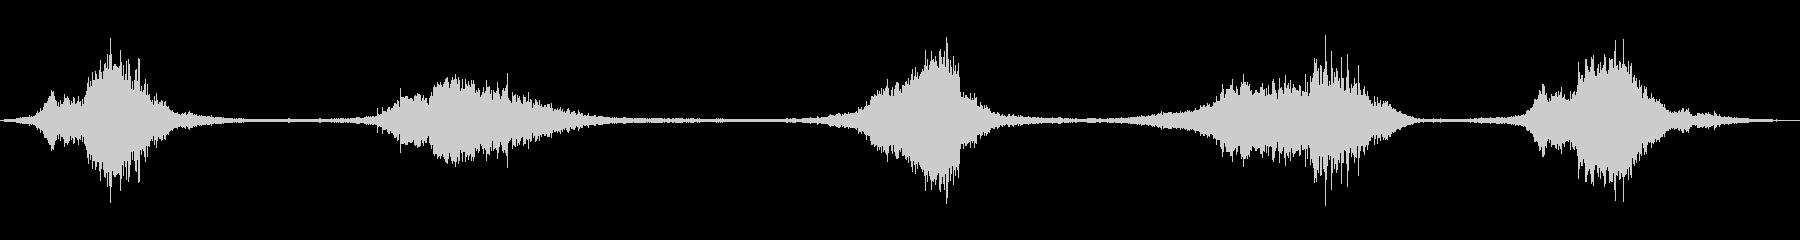 ローラーコースターバイスアンドステディ1の未再生の波形